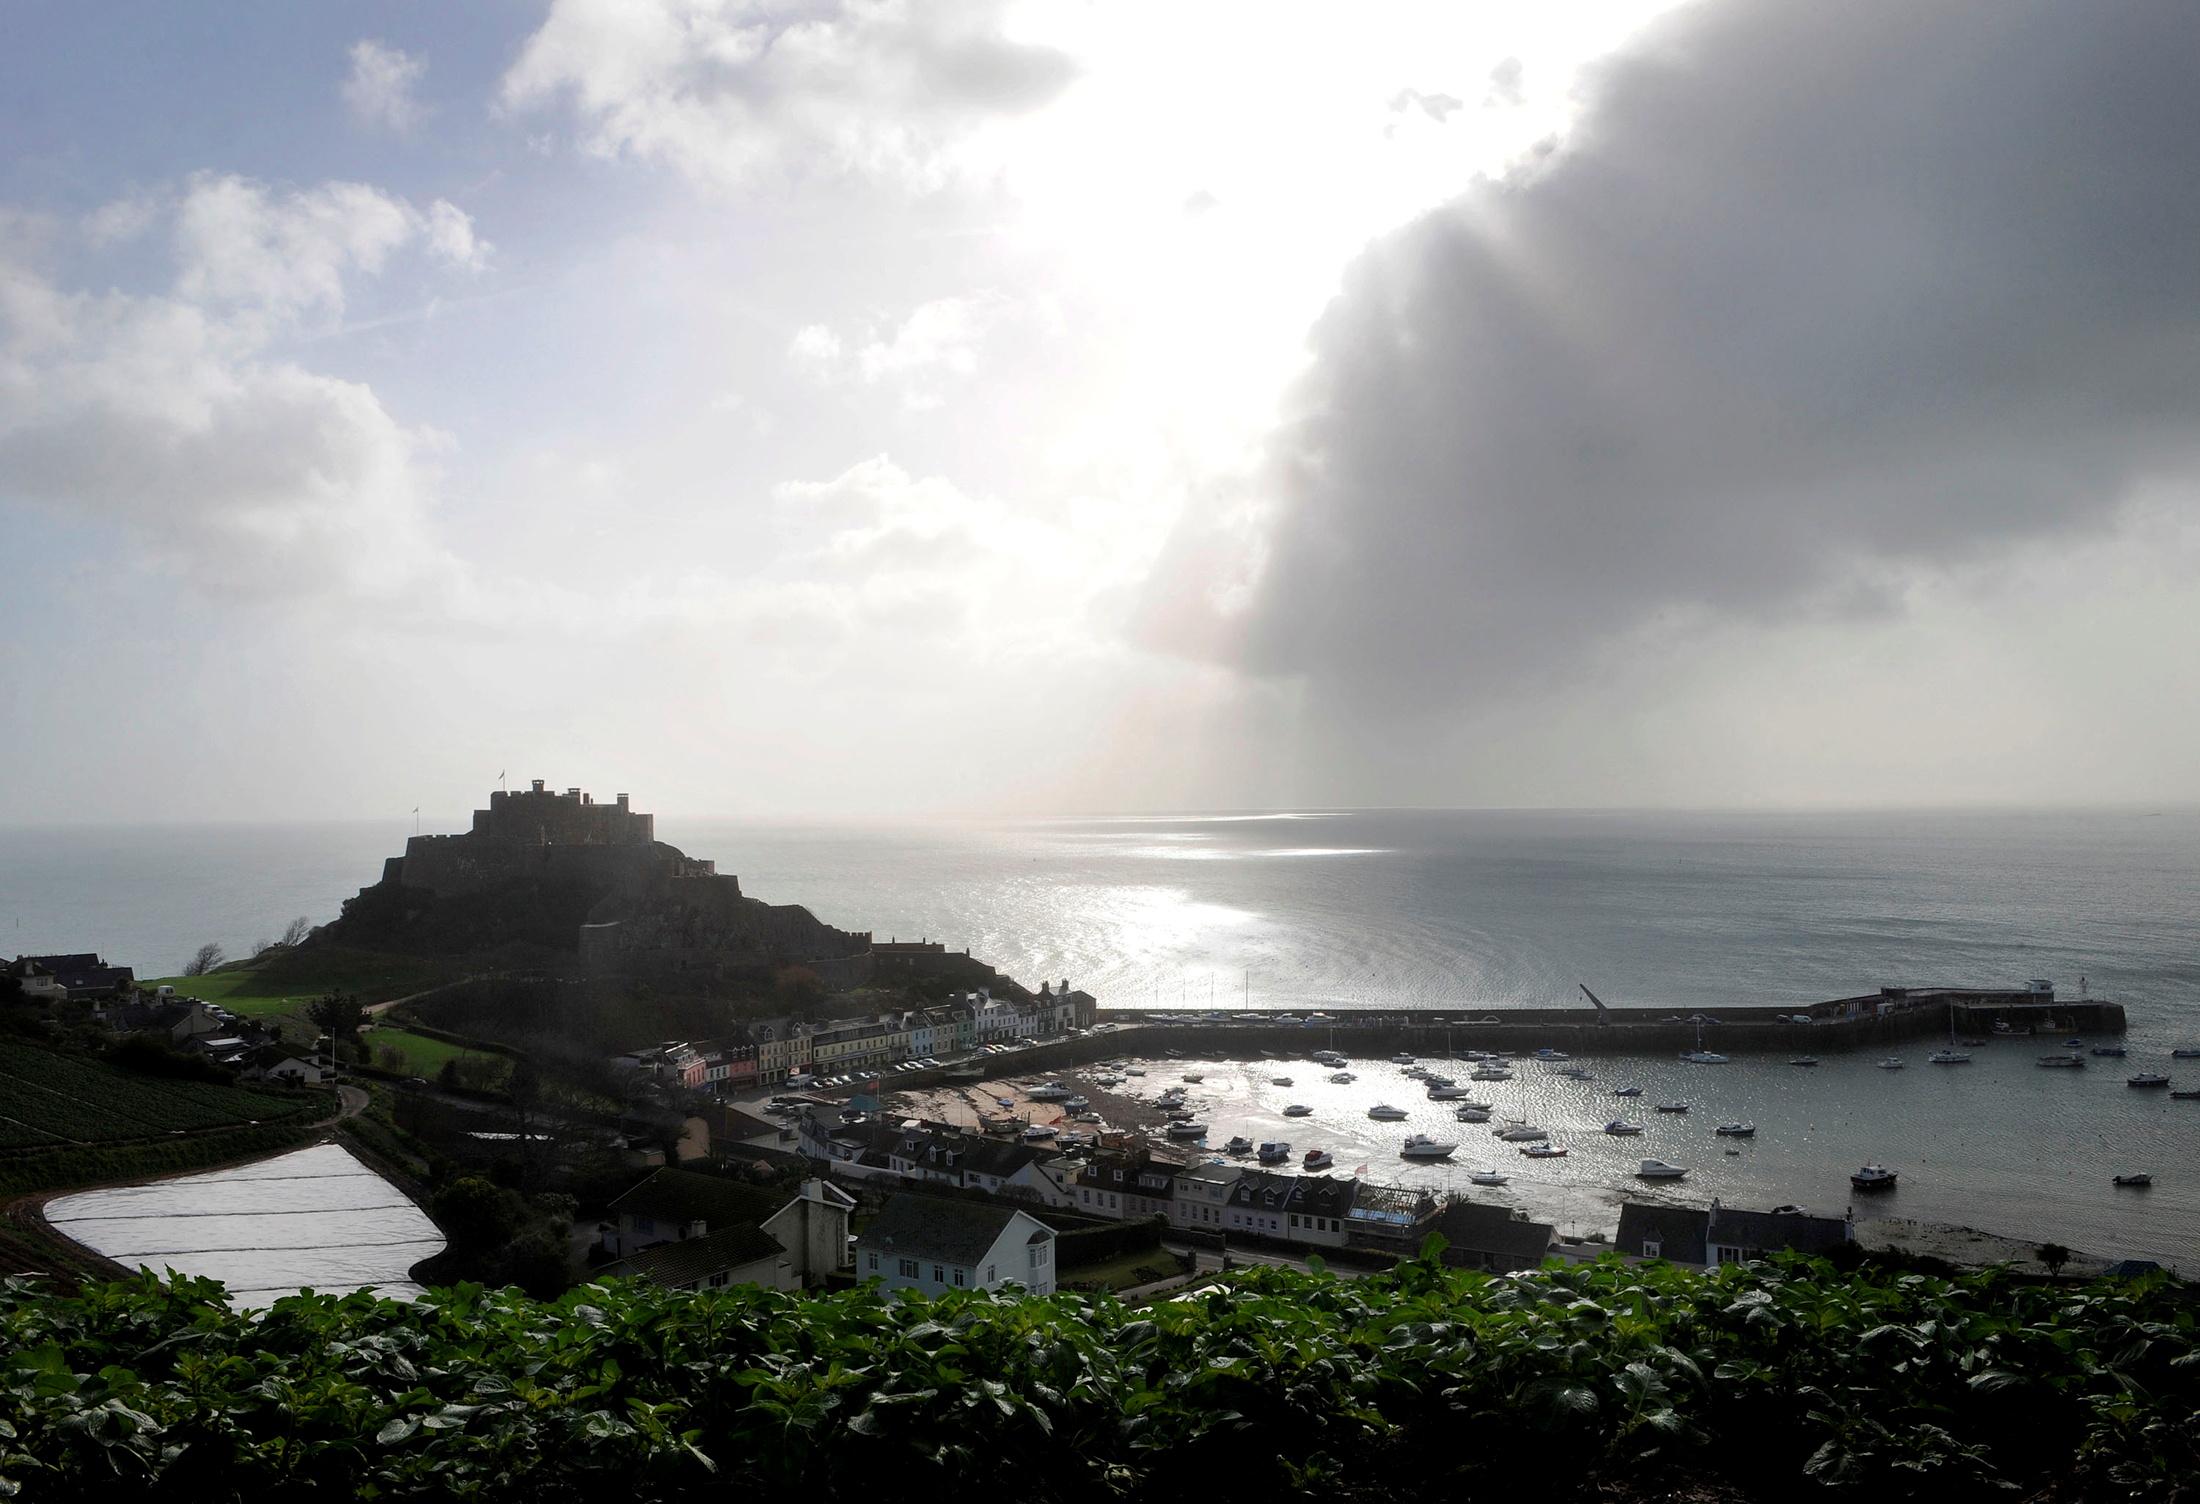 Το χωριό Gorey Harbour και το κάστρο Mont Orgueil βρίσκονται στο Τζέρσεϋ σε αυτήν την φωτογραφία αρχείου της 1ης Μαρτίου 2008./Toby Melville